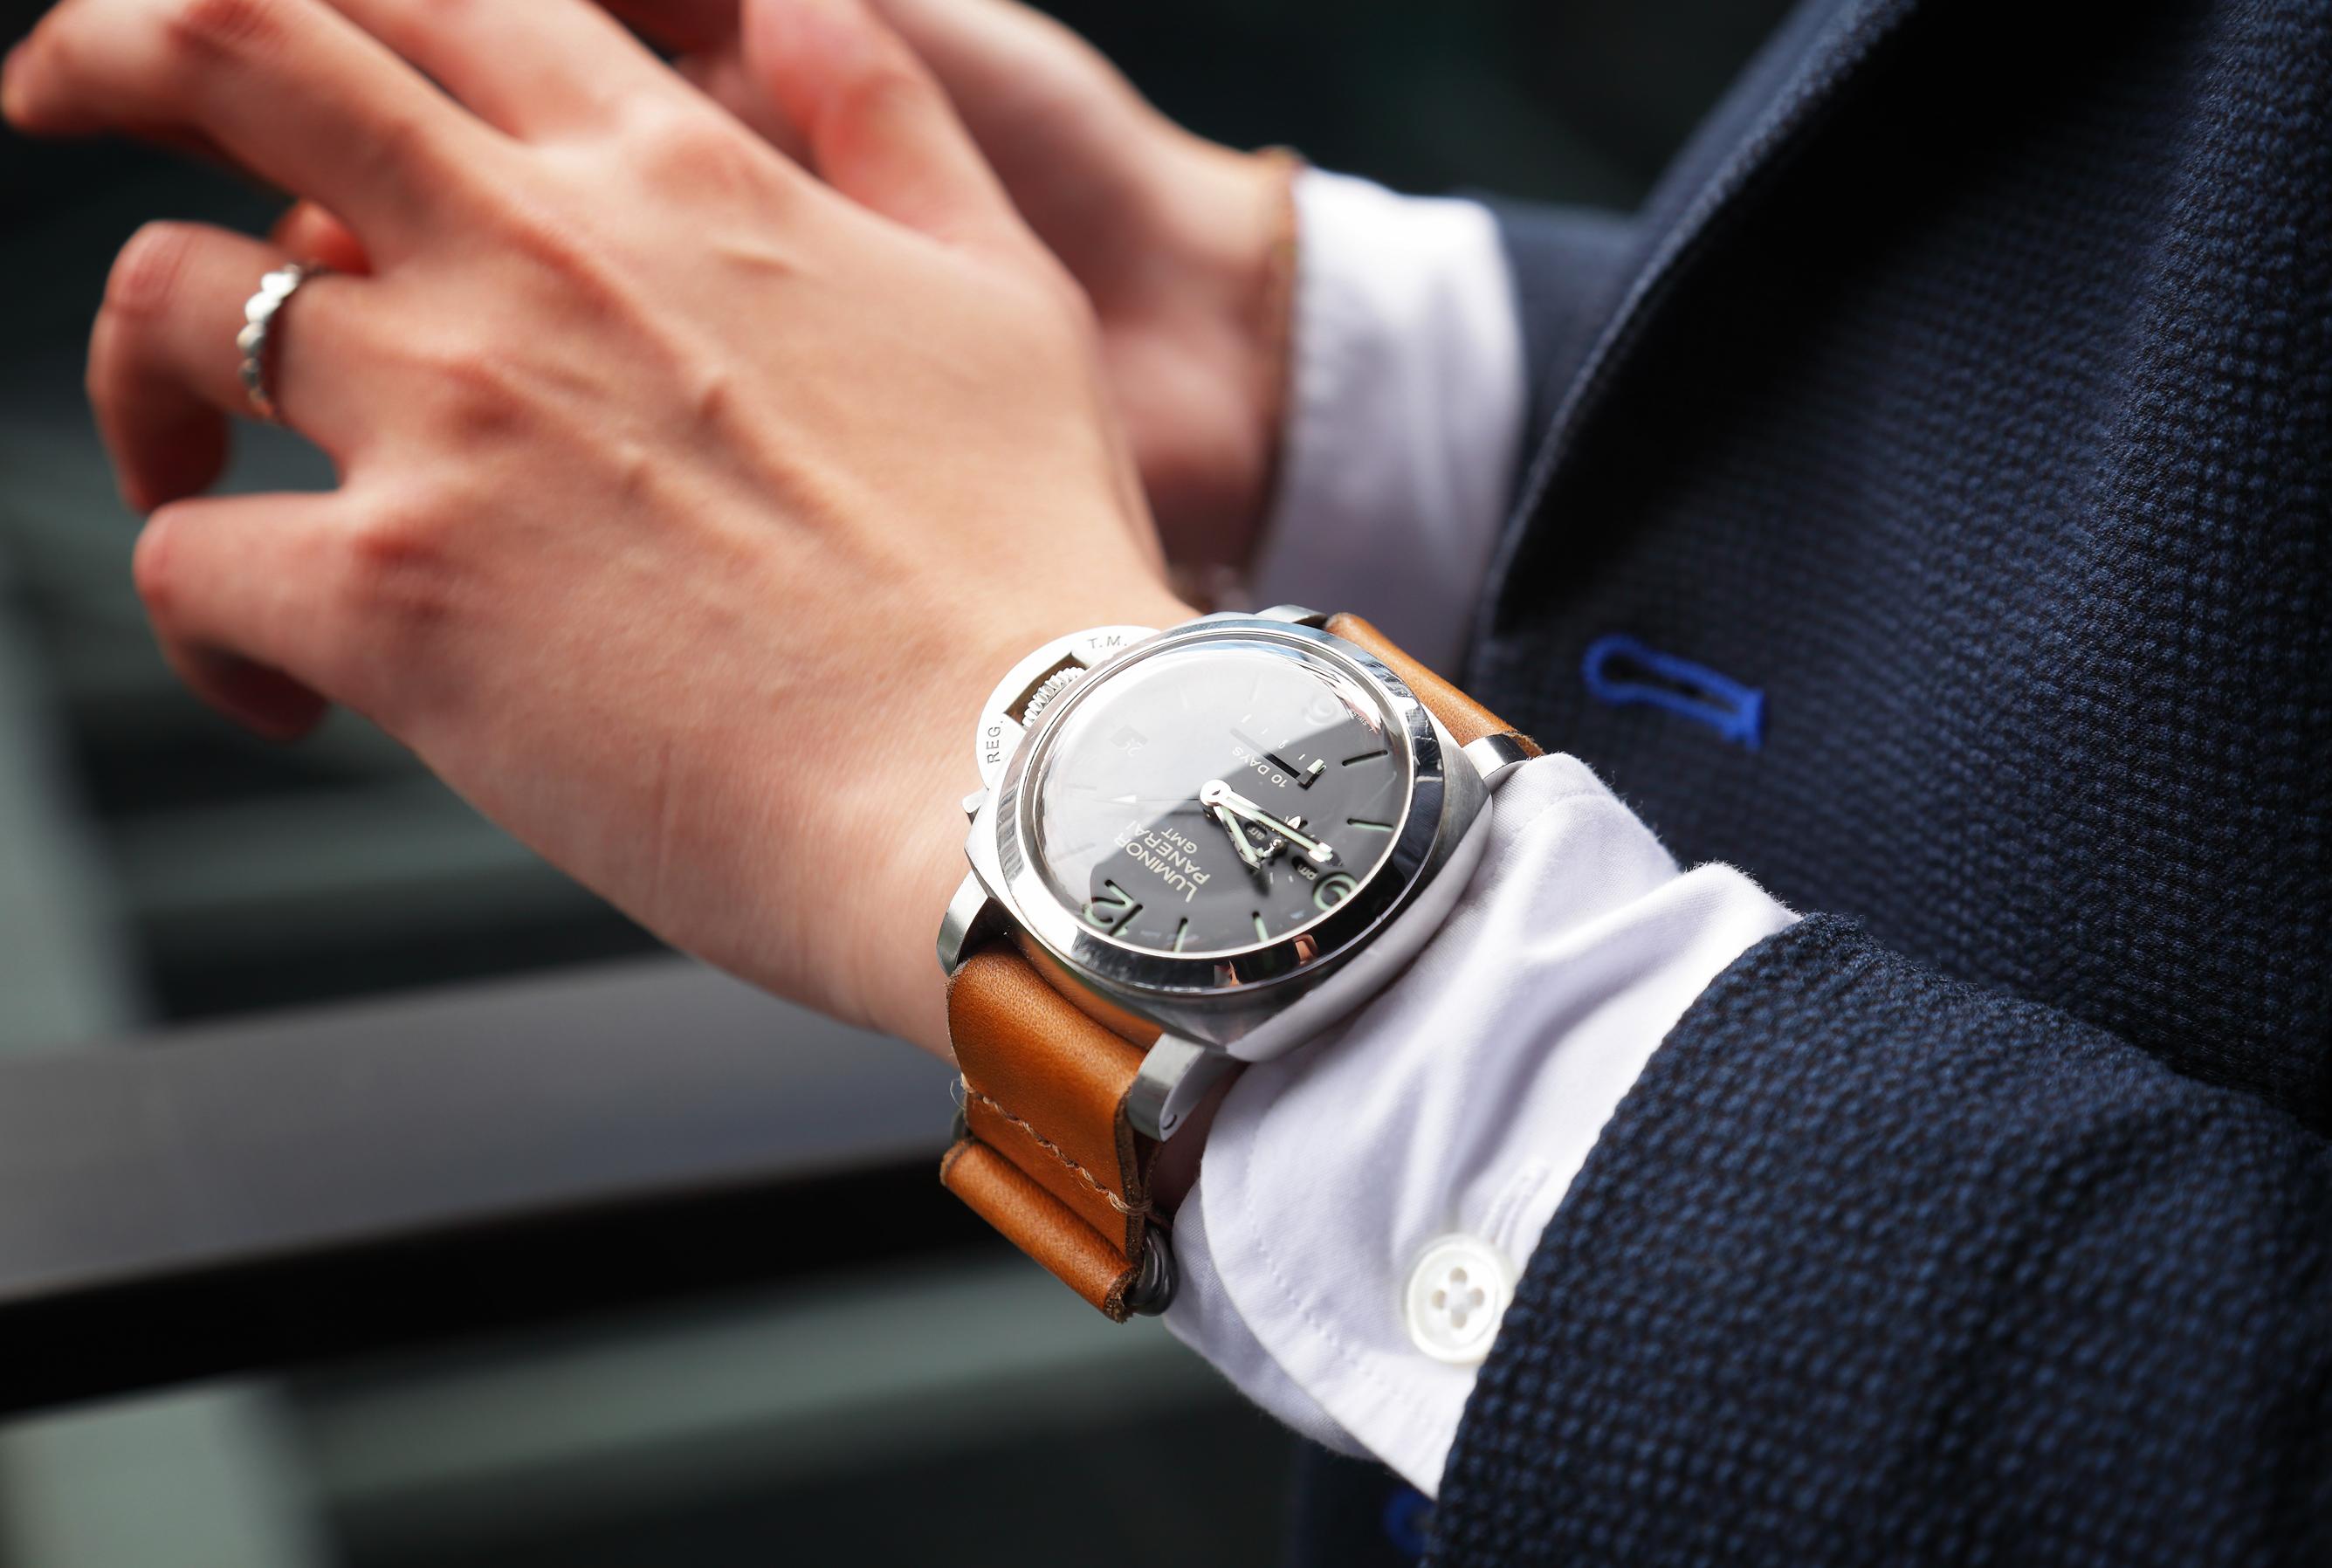 父親贈送的腕錶,如今成為他提醒自己要努力向上的信物。